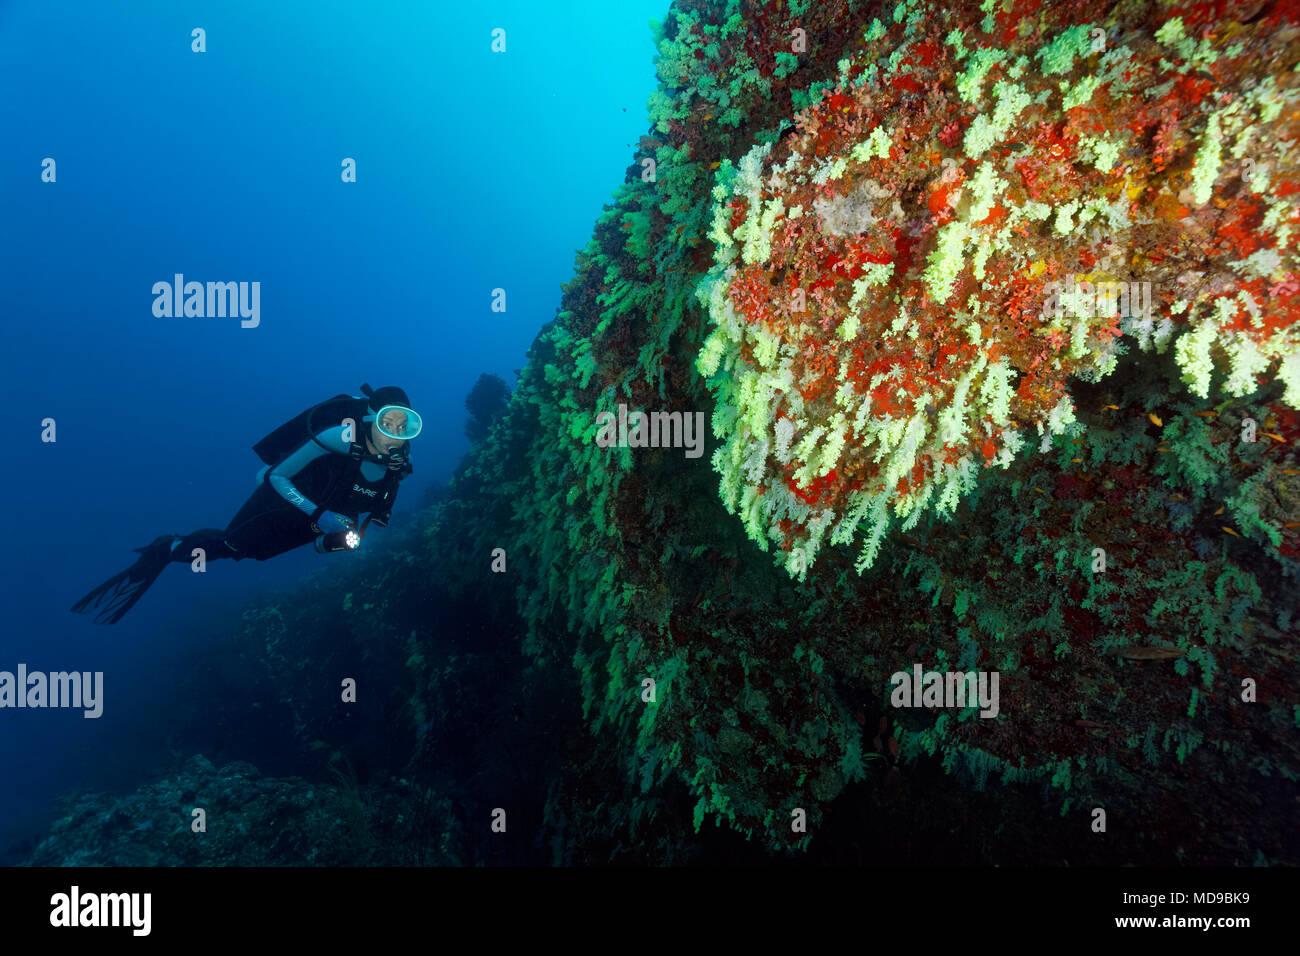 Diver mira pared de arrecifes de coral con corales blandos (Alcyonacea) amarillo, colgantes, Océano Índico, Maldivas Foto de stock